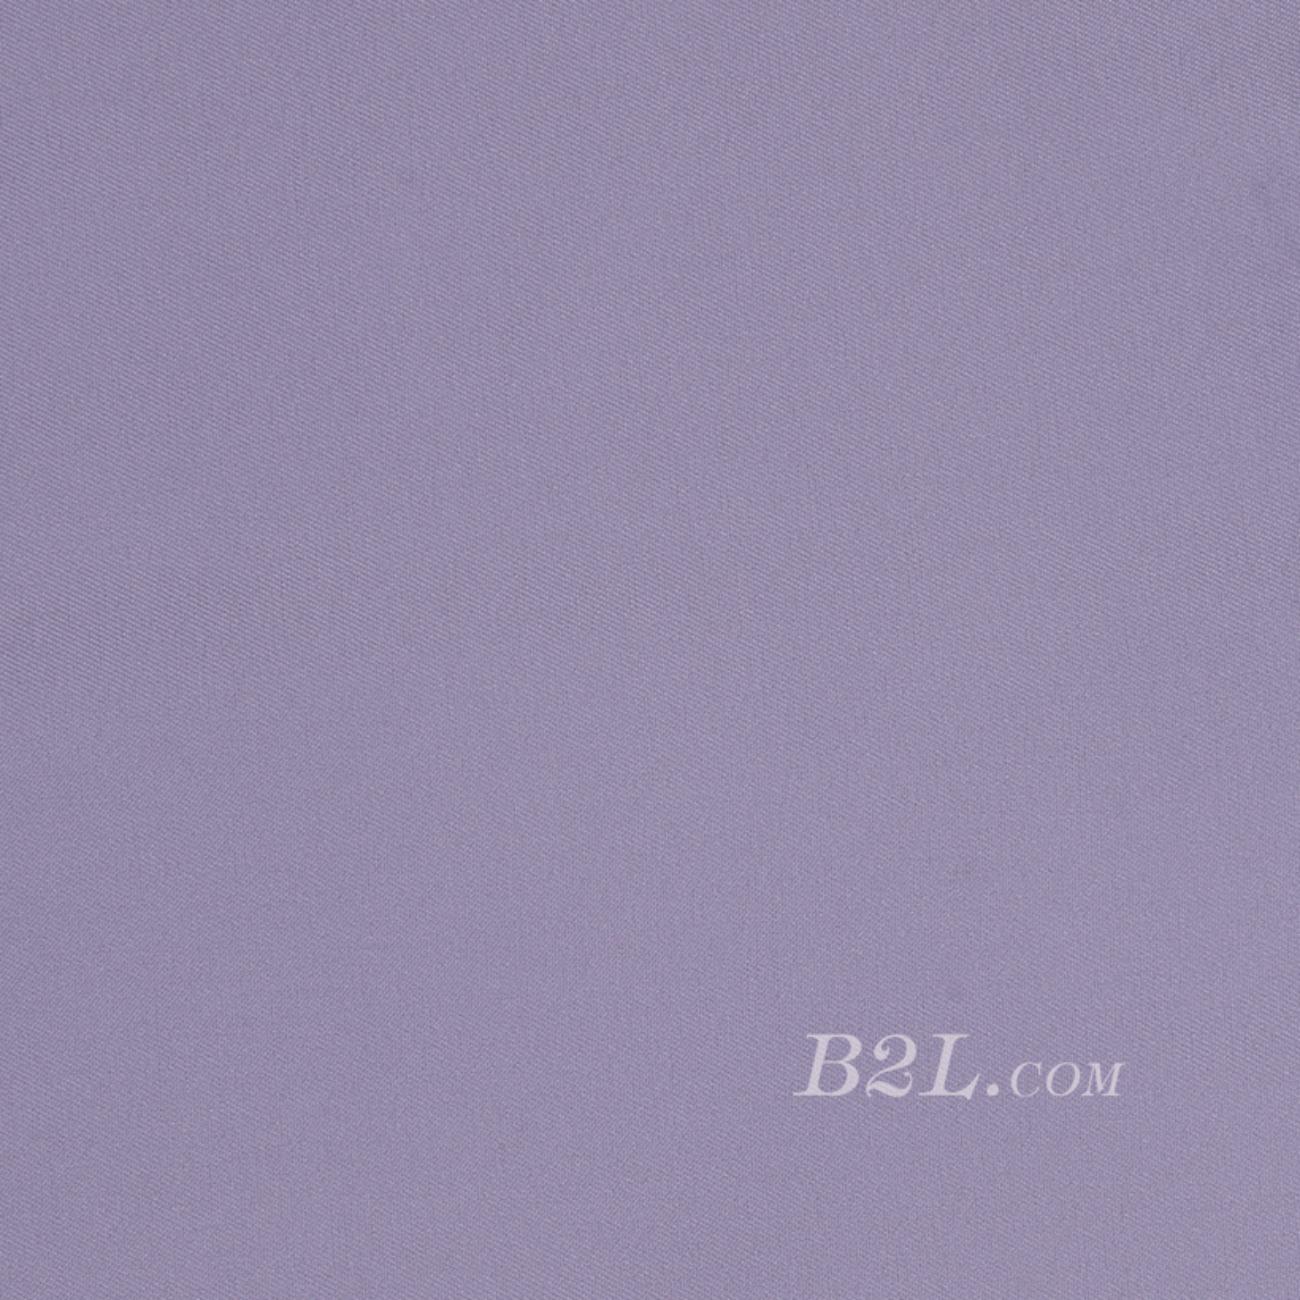 斜纹梭织素色染色连衣裙 短裙 衬衫 高弹 春 秋 柔软 70823-45